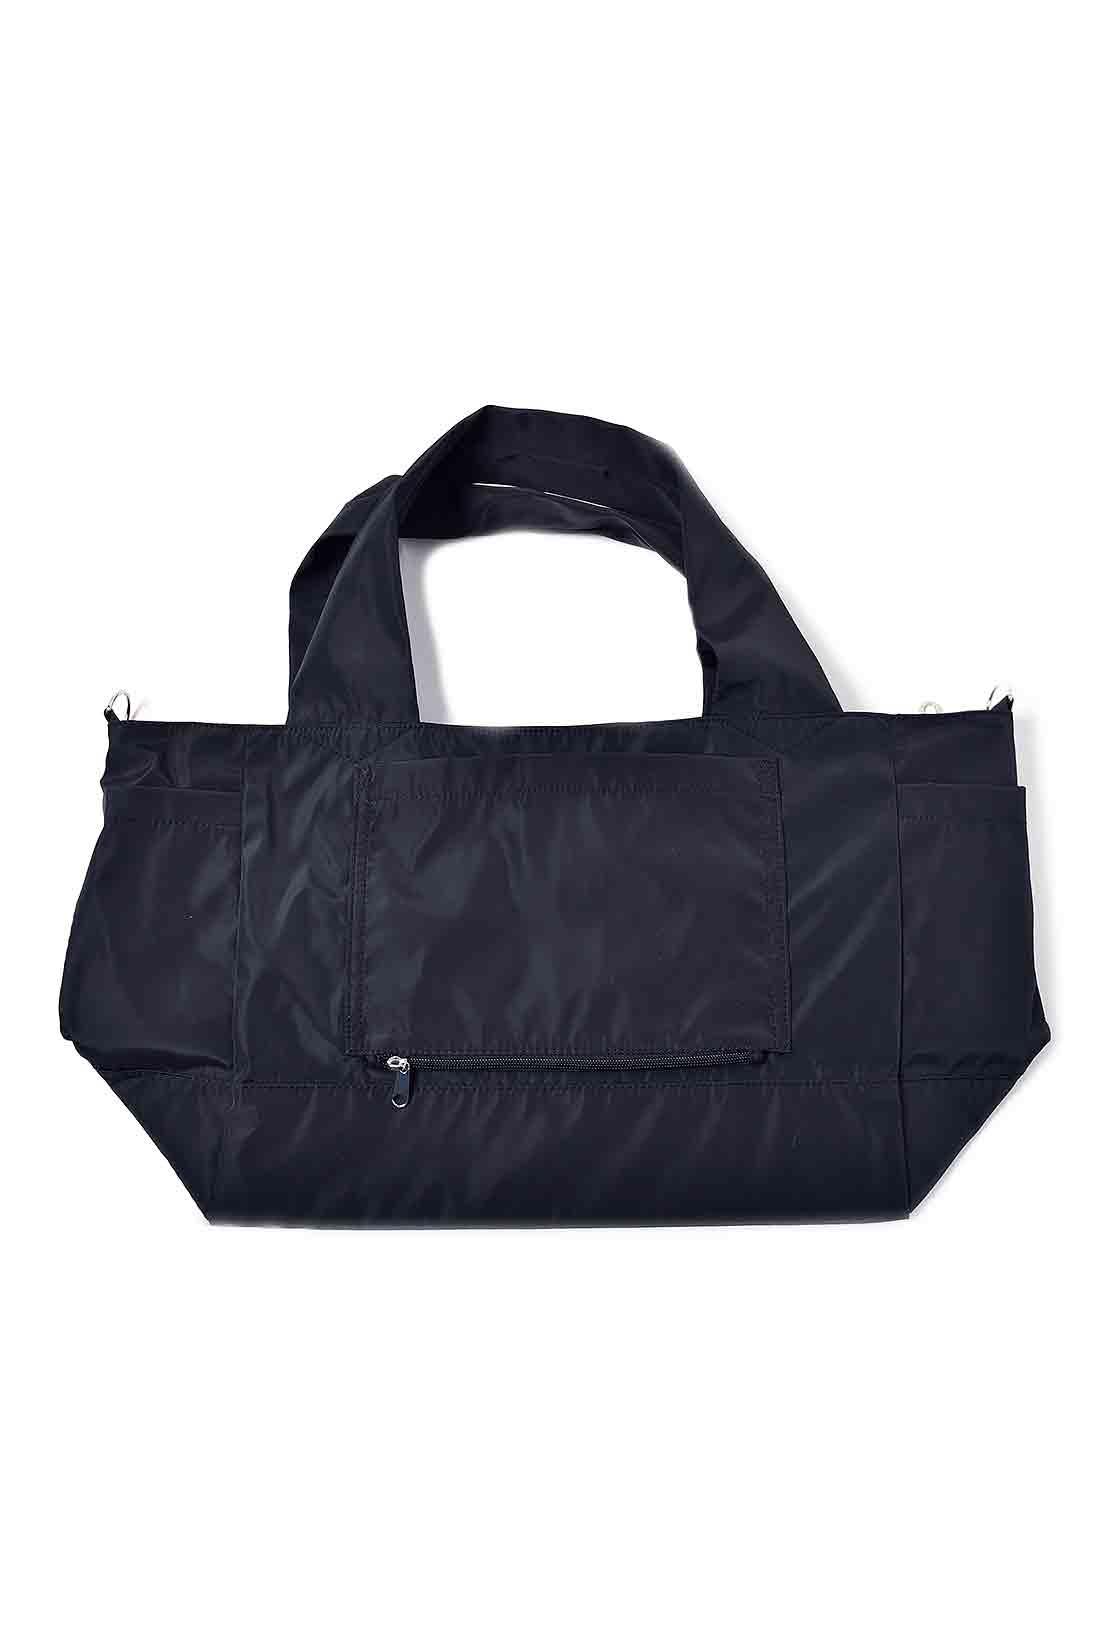 使わないときはぺたんとたたんで、おみやげ用のバッグとしてスーツケースに忍ばせておいても◎。